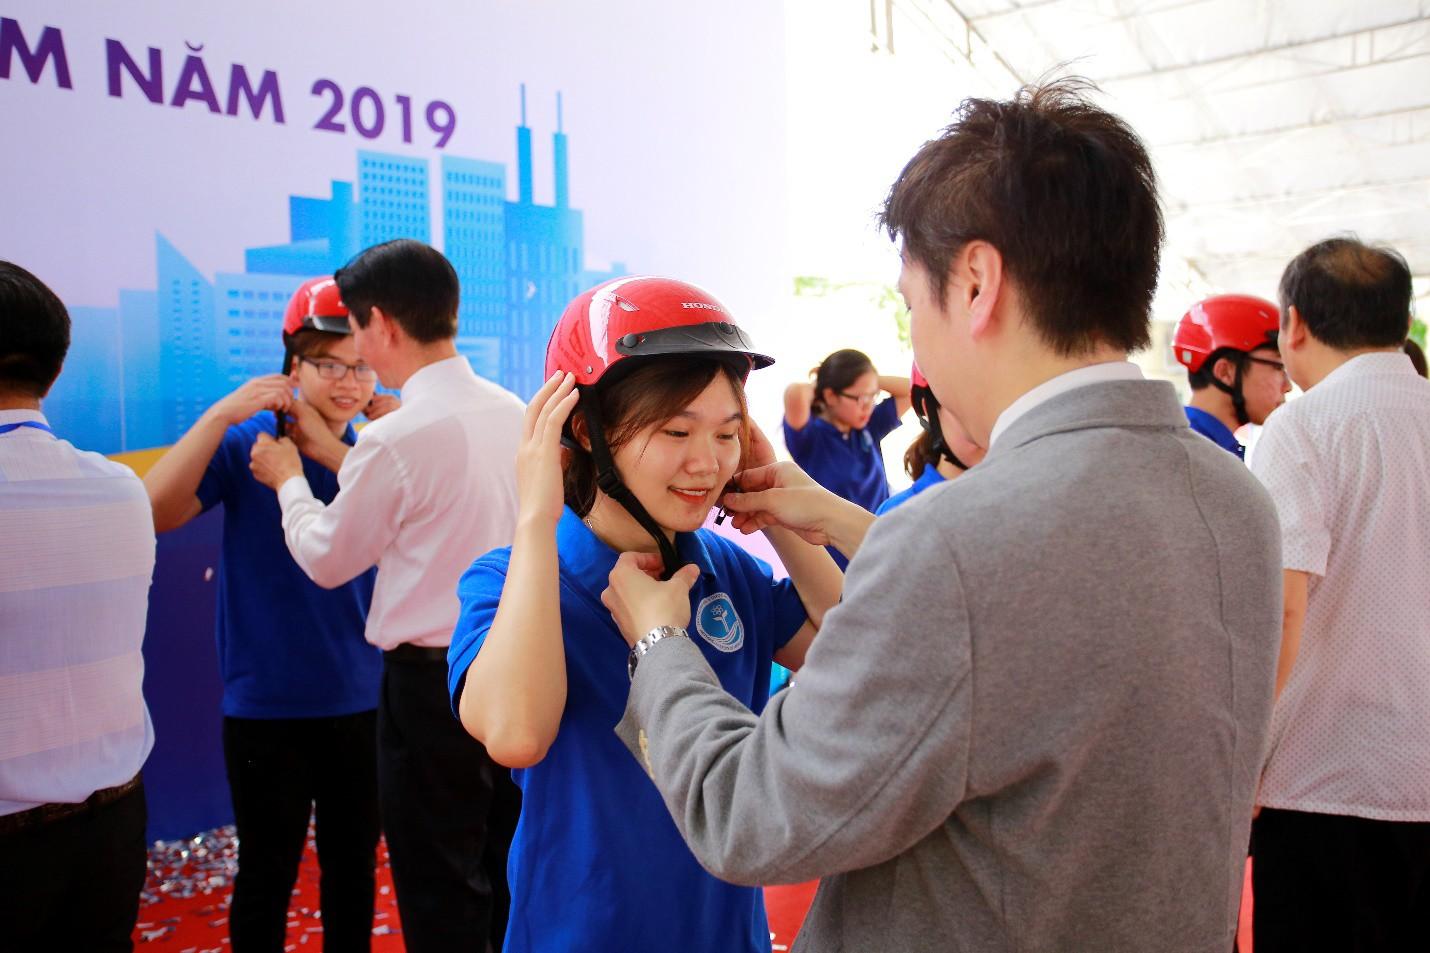 Phát động chương trình trao tặng 20.000 mũ bảo hiểm năm 2019 Cùng Honda chắp cánh tương lai - Ảnh 3.